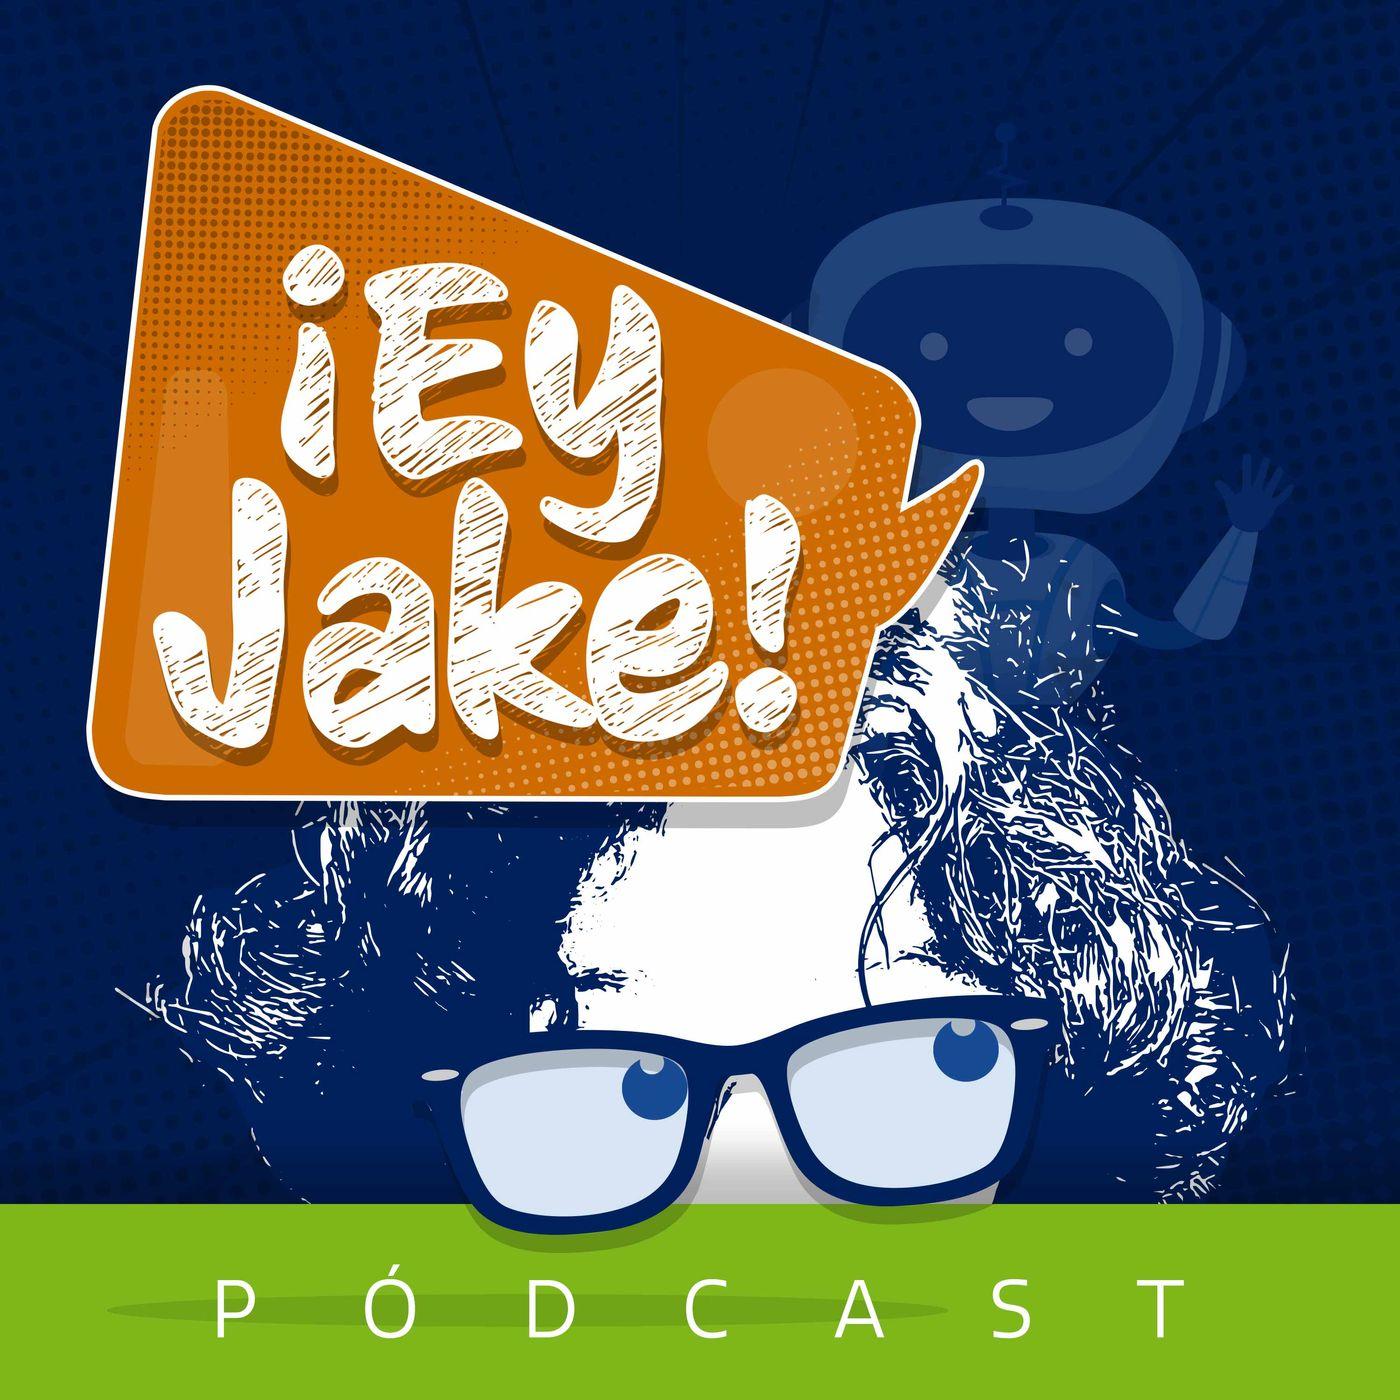 Te invitamos a oír y seguir nuestra segunda temporada: ¡Ey Jake!